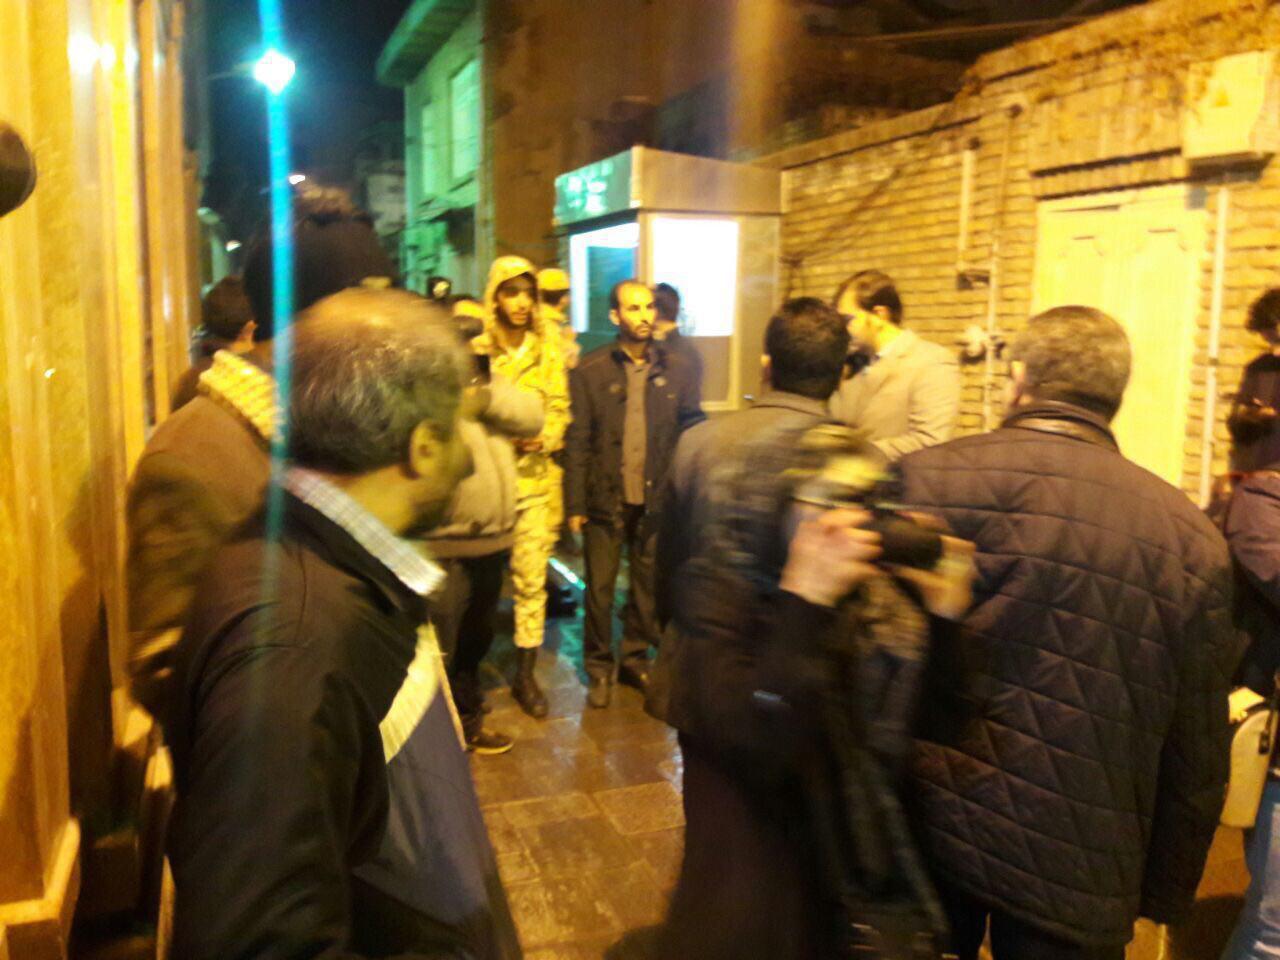 تصاویر : خانه آیت الله هاشمی رفسنجانی هم اکنون